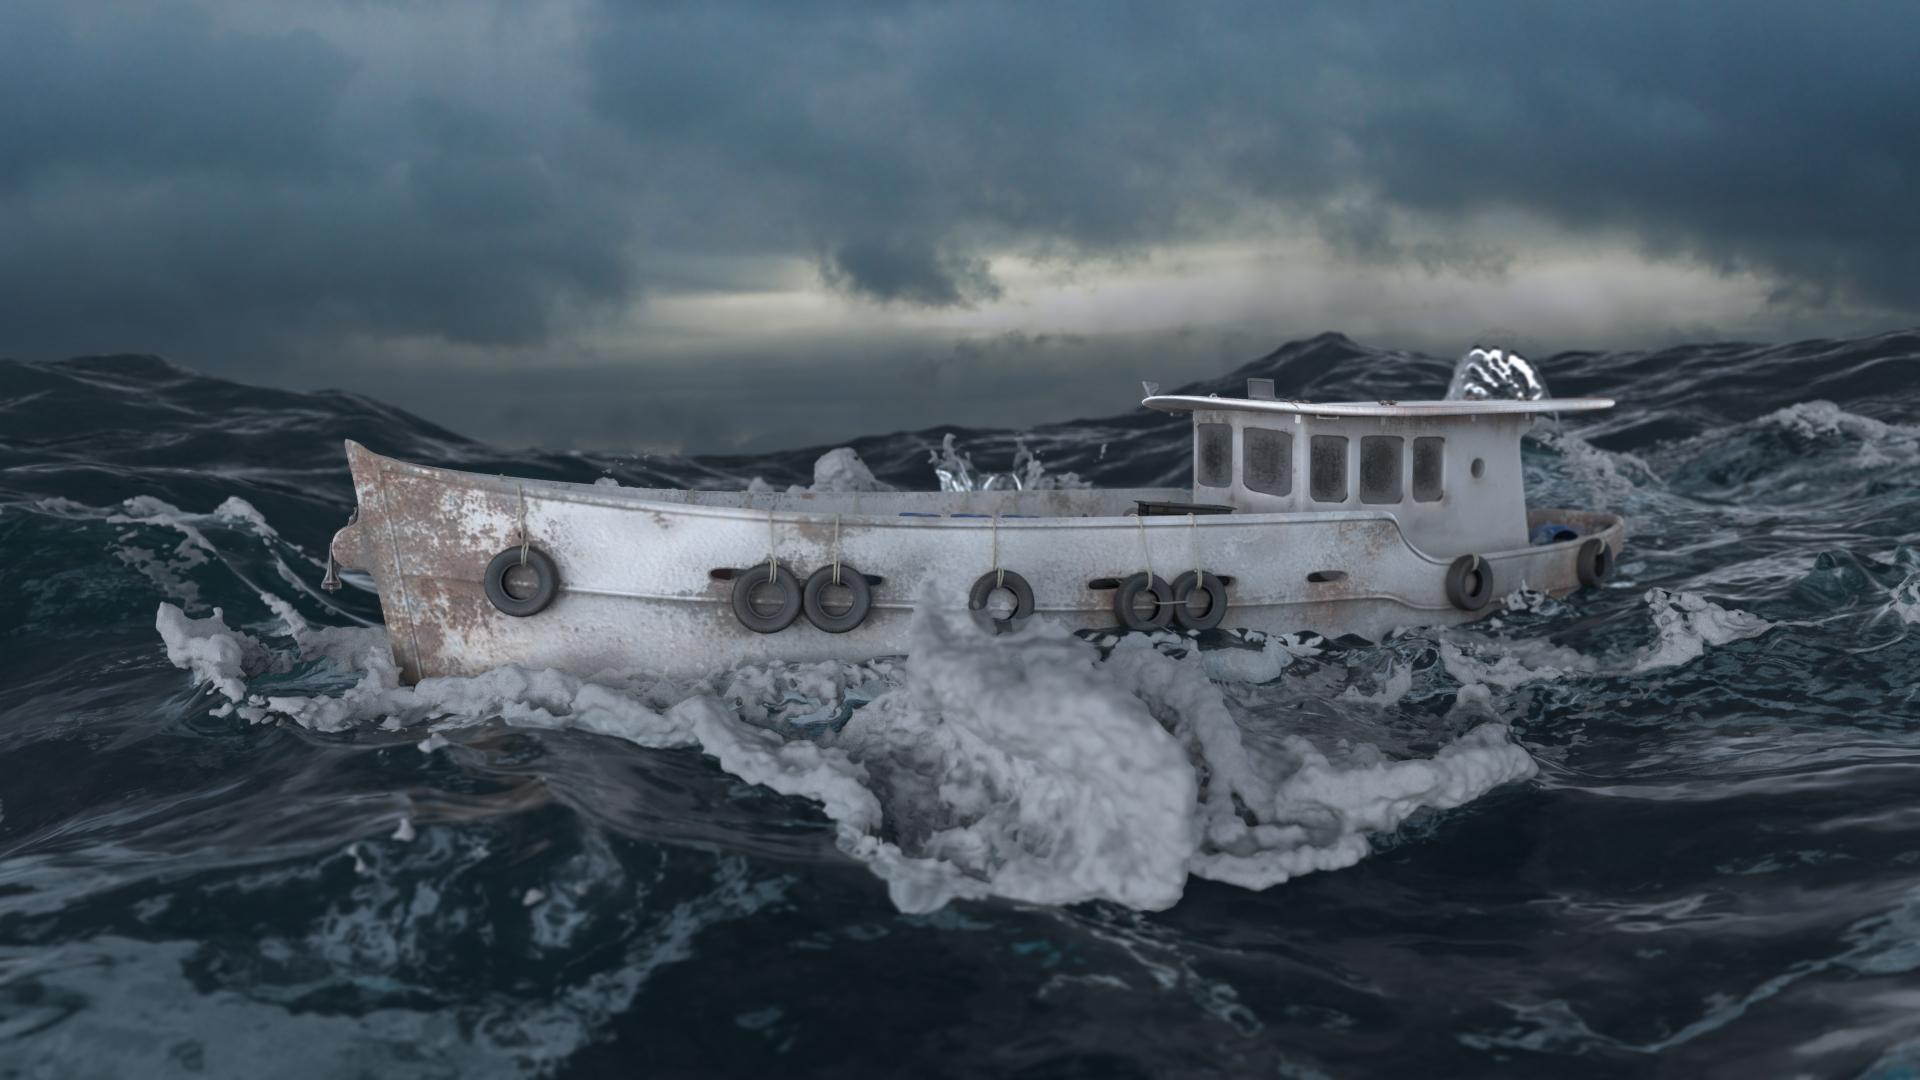 boat_ocean_side2_comp.jpg